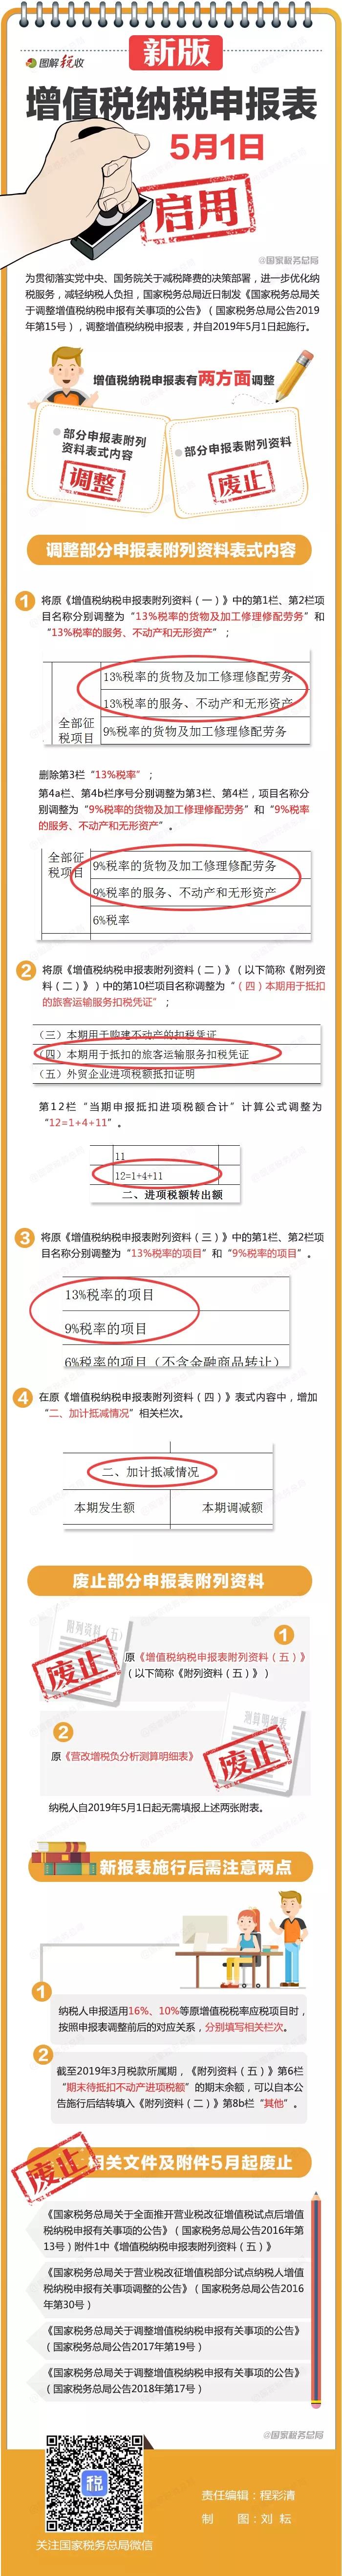 深化增值税改革,新版纳股票资讯网税申报表5月1日启用